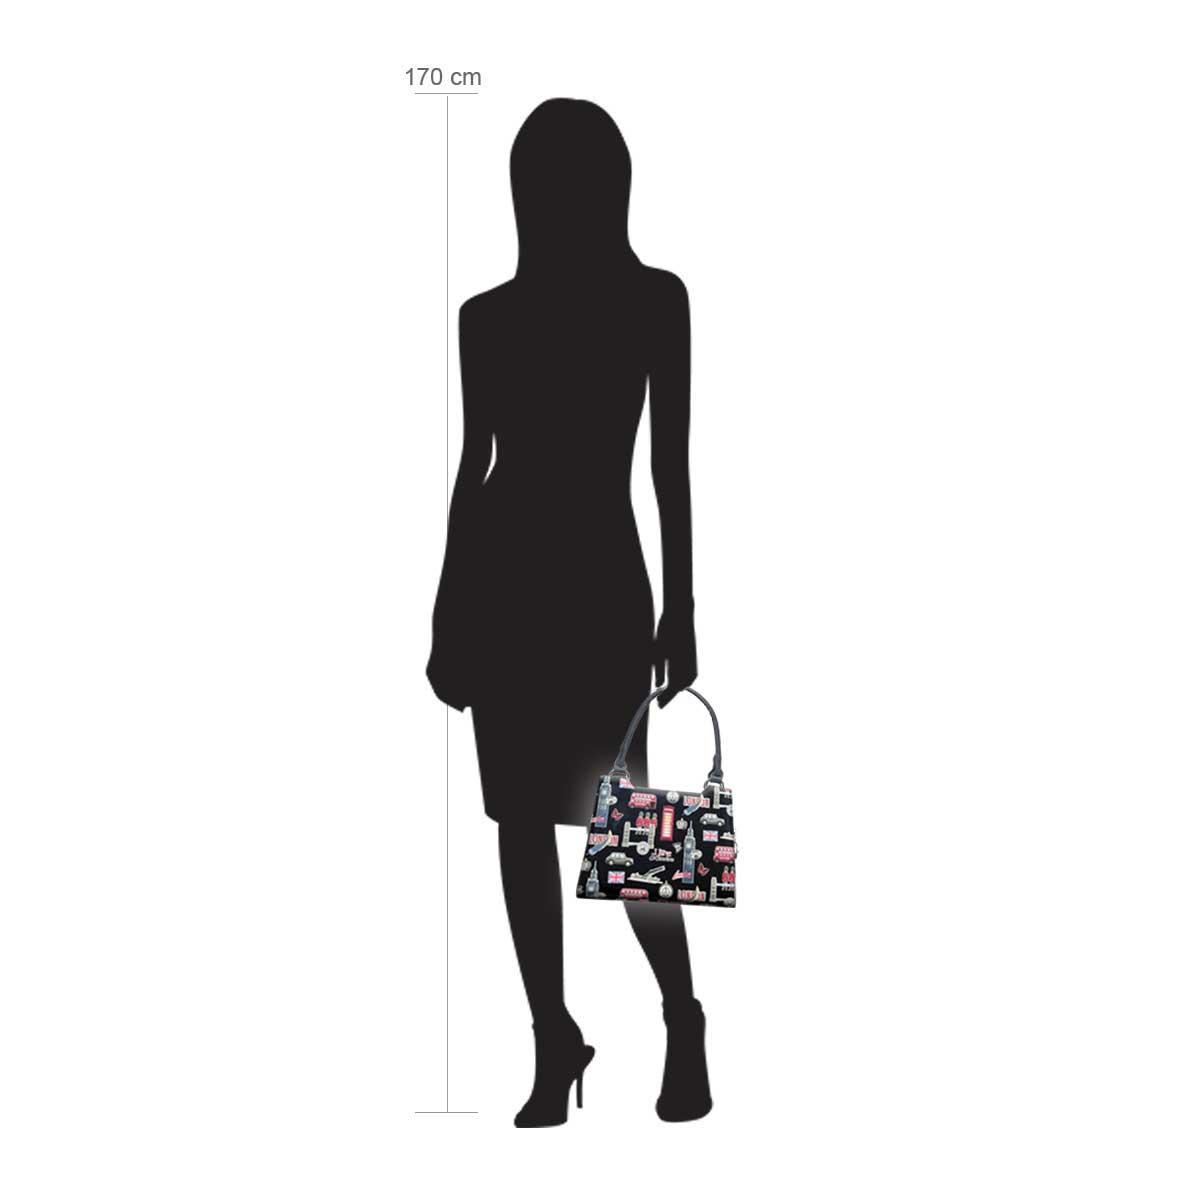 Modellpuppe 170 cm groß zeigt die Handtaschengröße an der Person Modell:Britannia